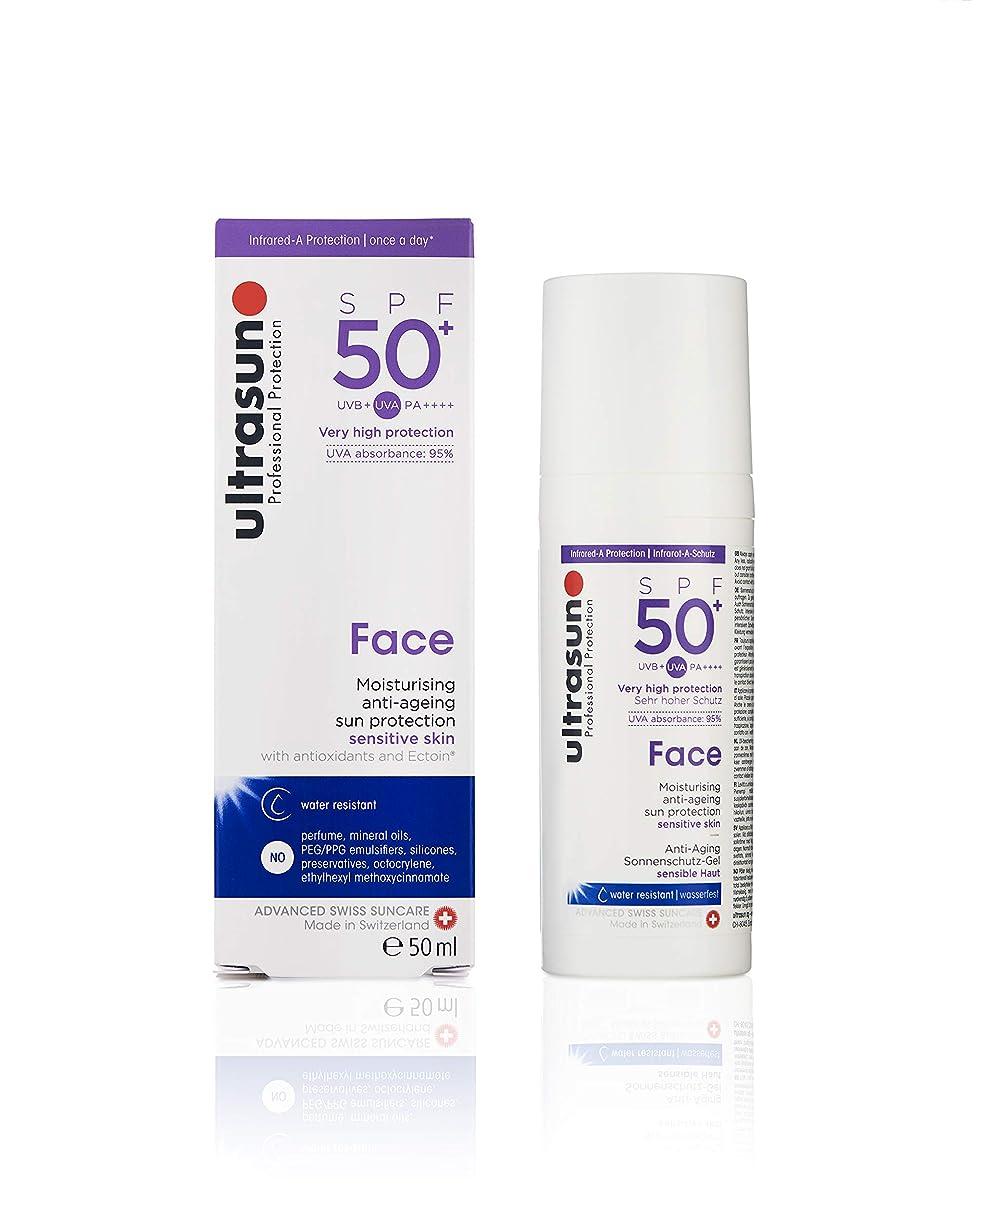 リード筋安心アルトラサン 日やけ止めクリーム フェイス UV 敏感肌用 SPF50+ PA++++ トリプルプロテクション 50mL